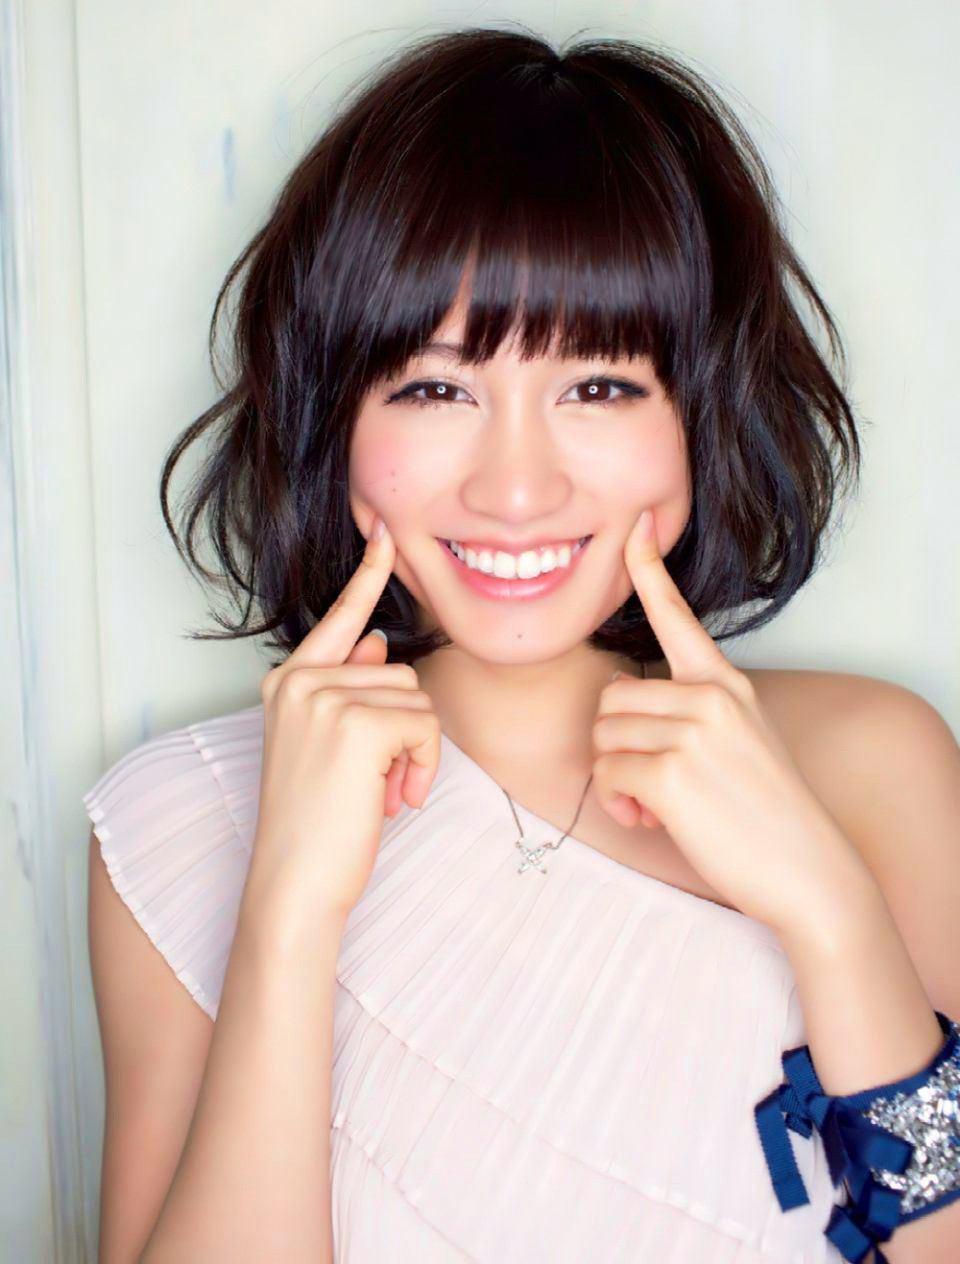 【元AKB48】センターを務めた前田敦子の注目される髪型とは!?のサムネイル画像